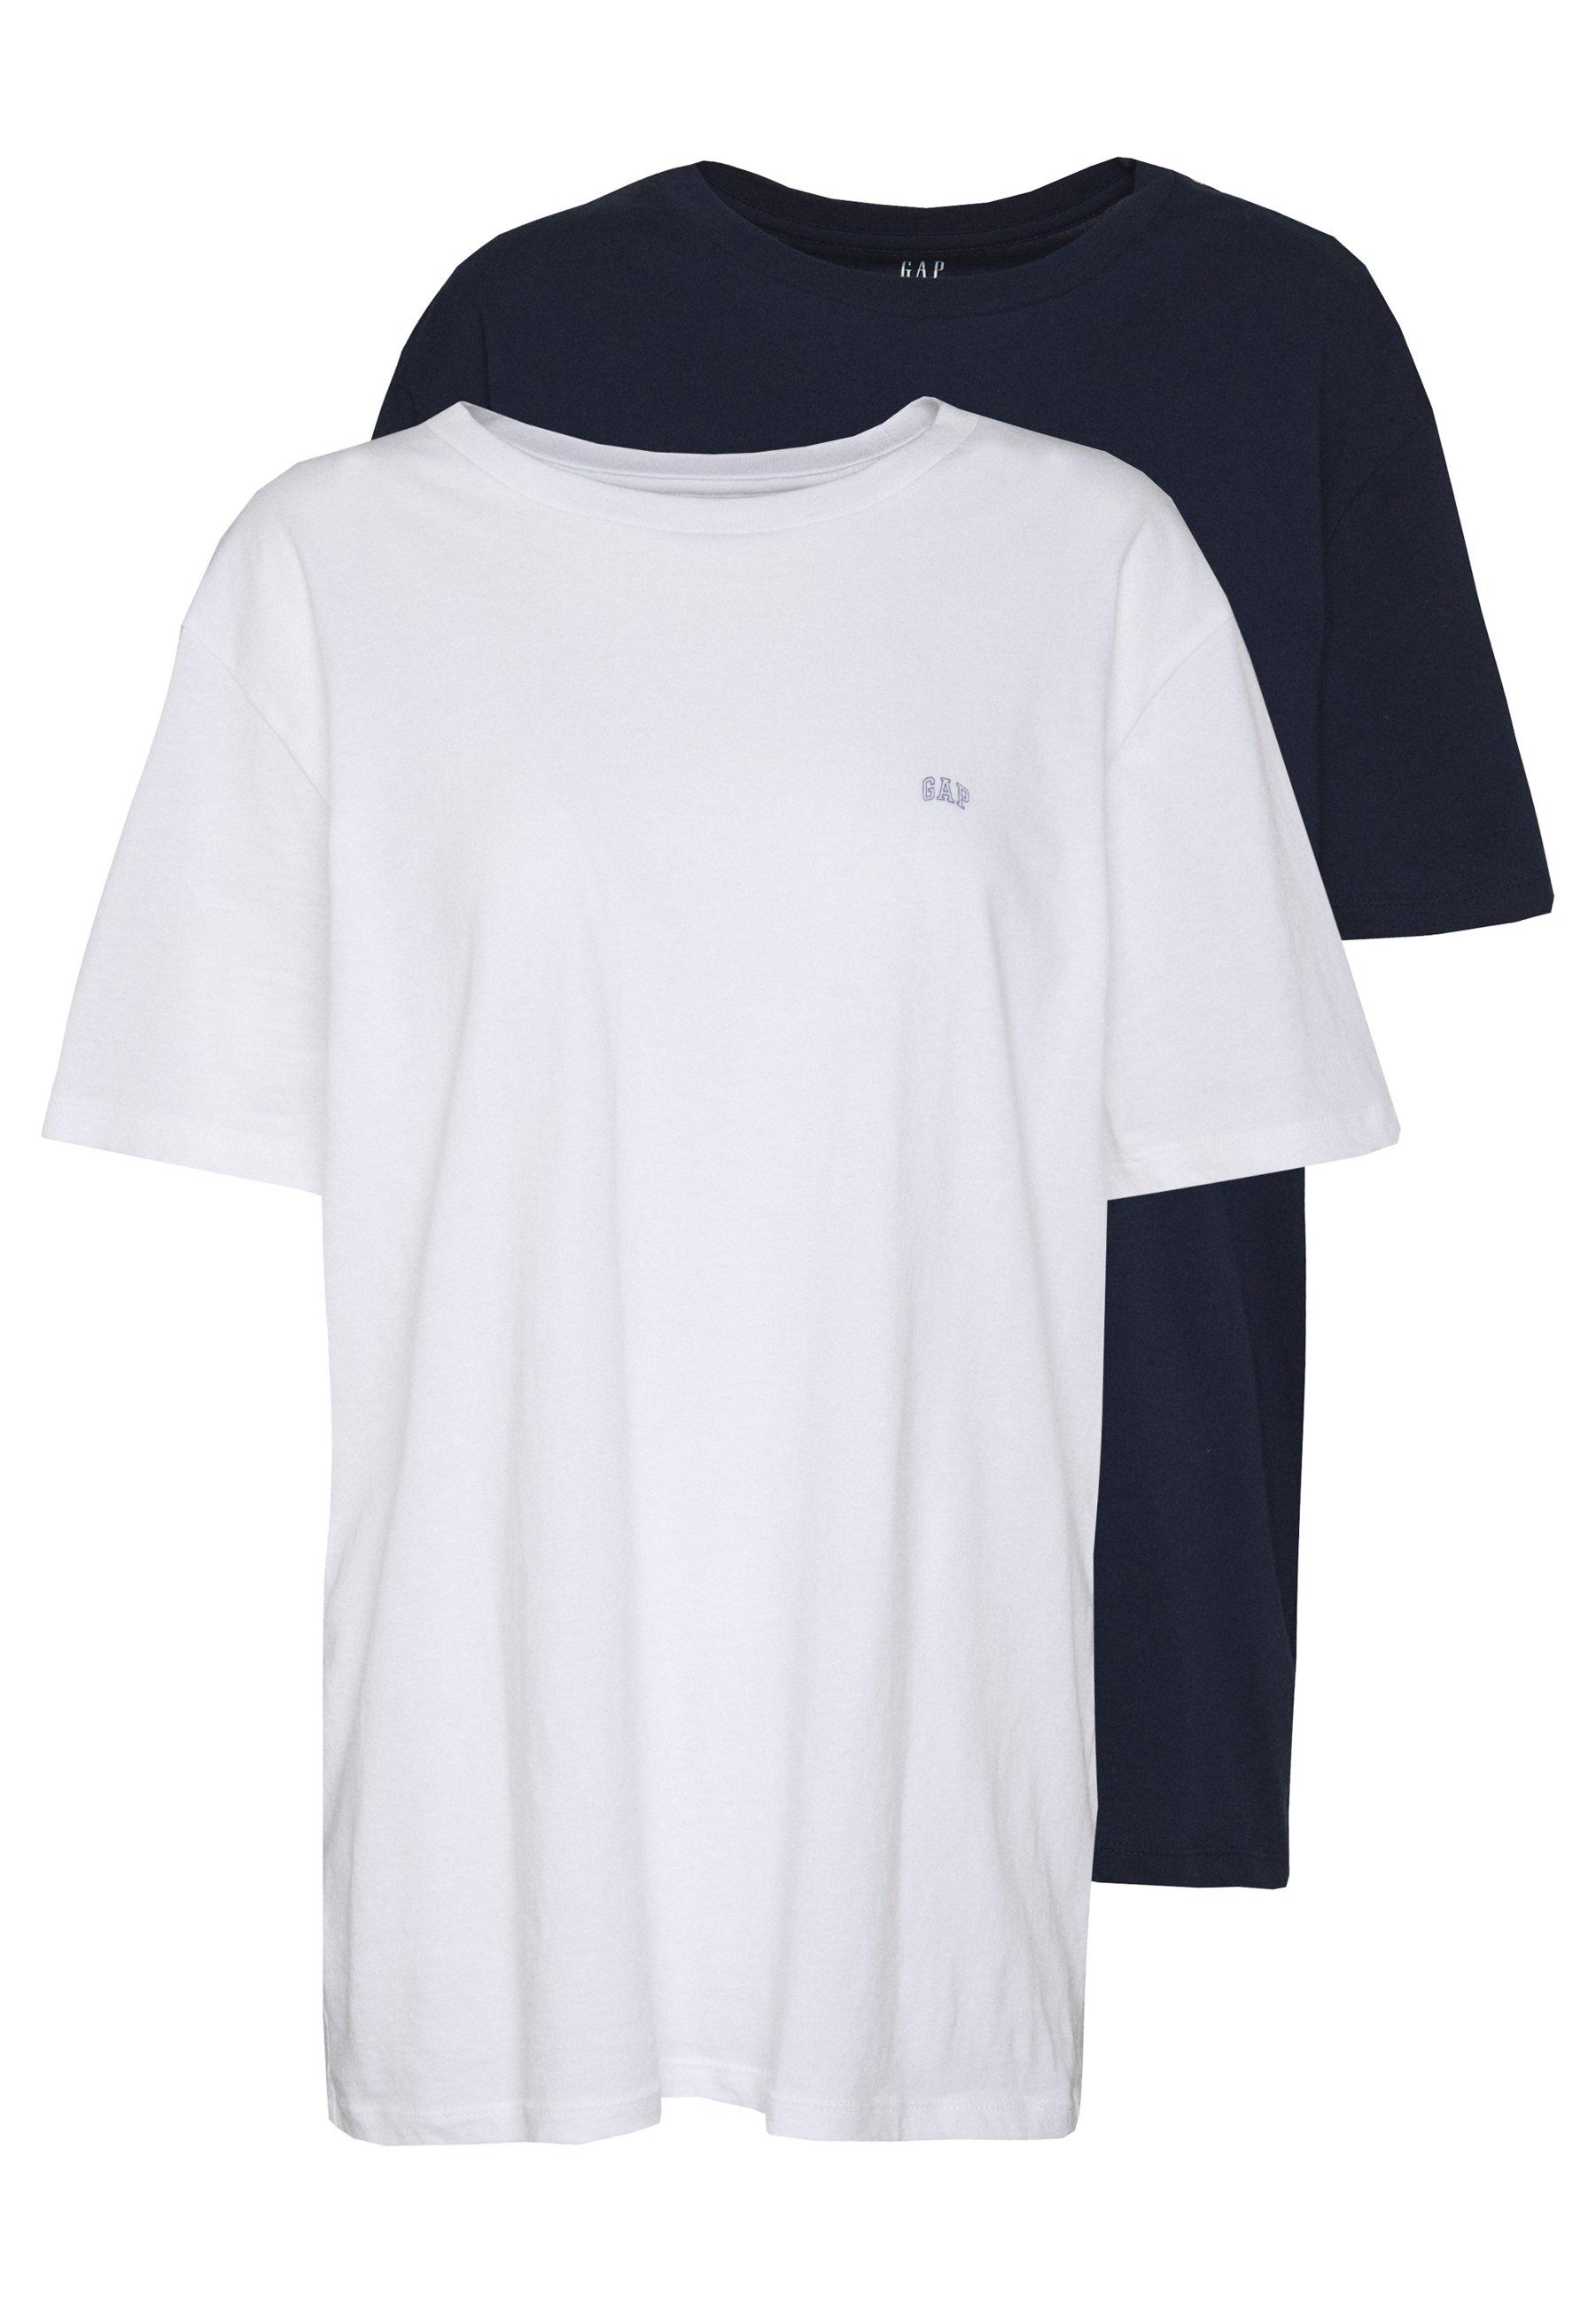 Bestill Chamois T skjorter på nett | Spreadshirt